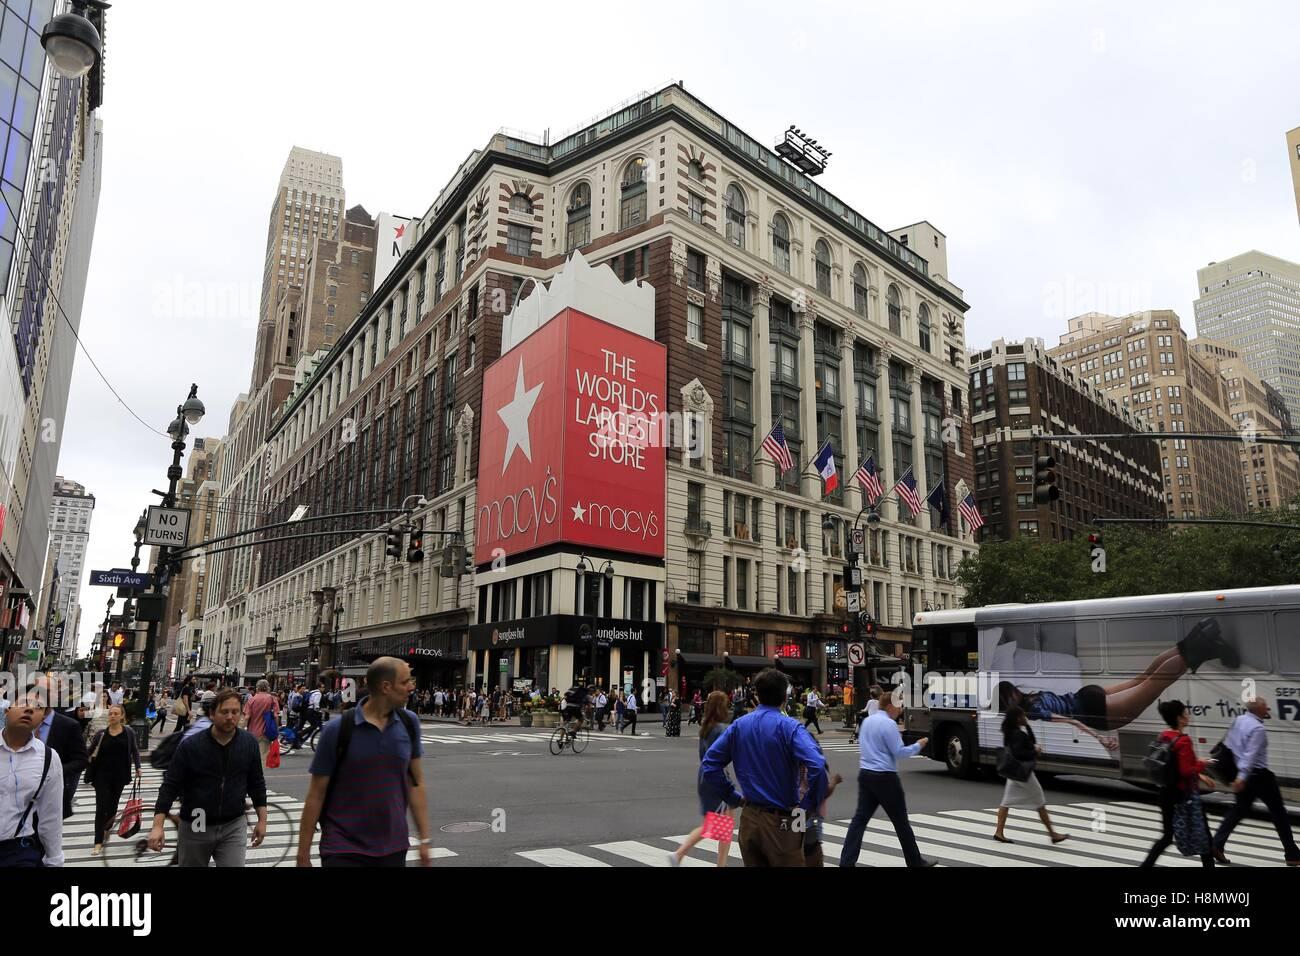 El Edificio Principal De Macy S En Nueva York Tiene 198 500 Metros Cuadrados 10 Pisos Y Aproximadamente 3 000 Empleados Debería Ser El Almacén Más Grande En El Mundo Y Es El Hogar Ancestral